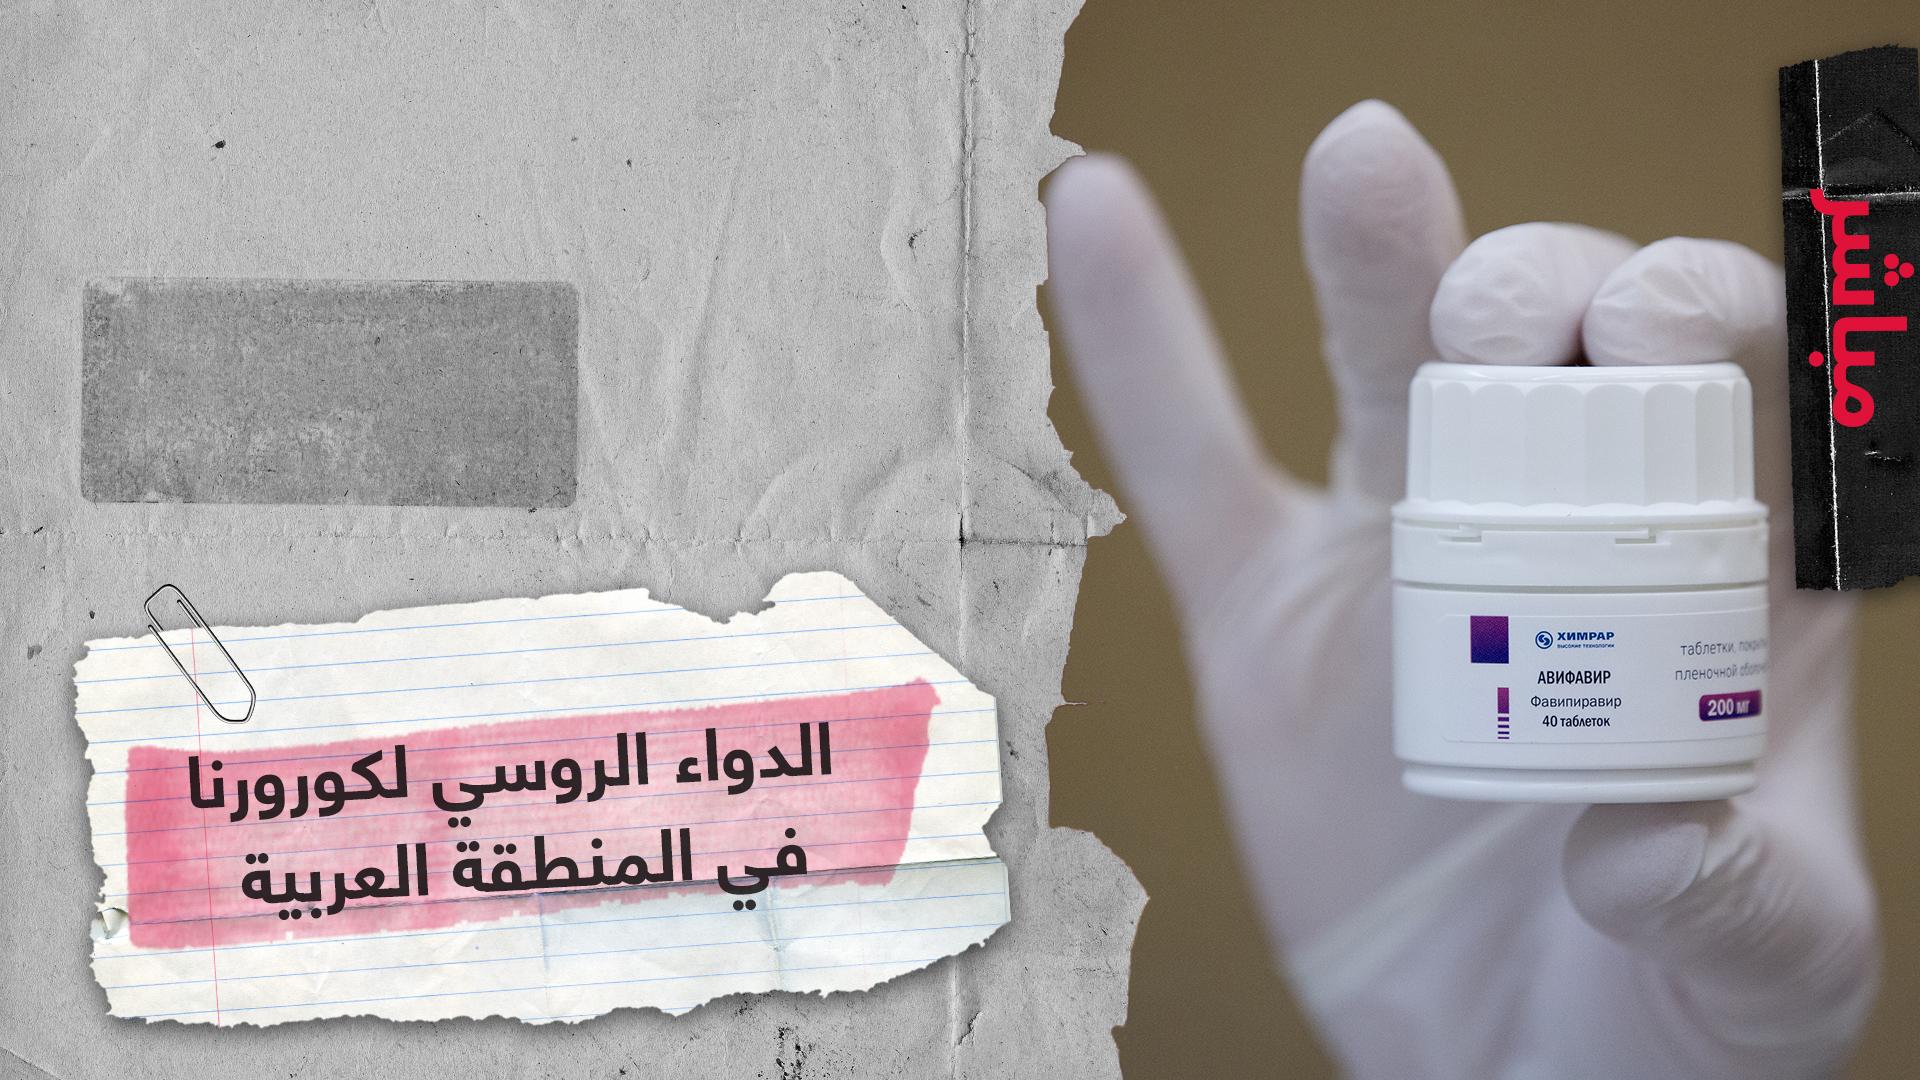 تعاون روسي عربي في تصنيع دواء